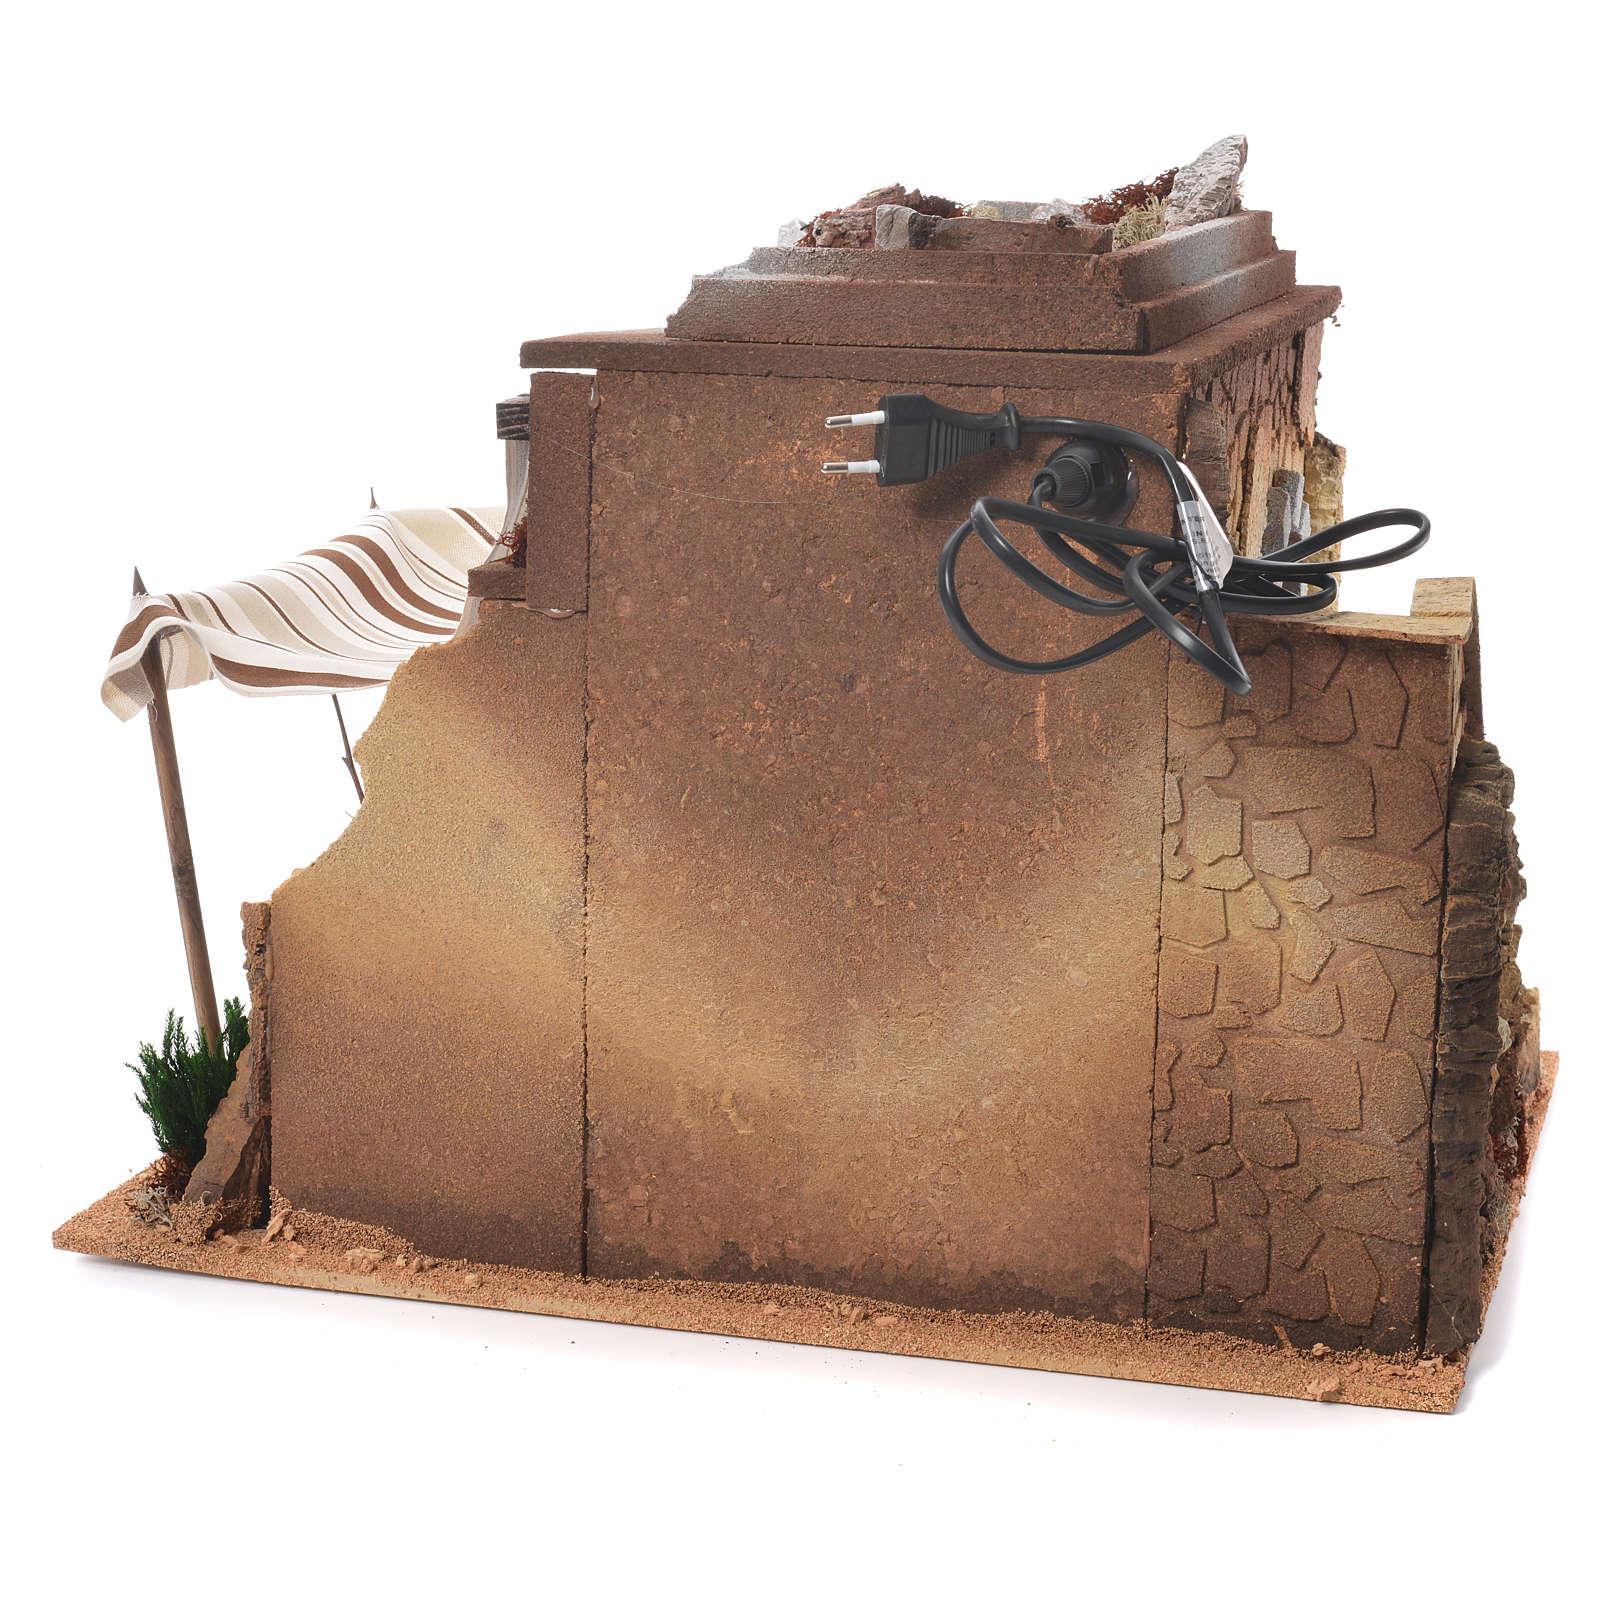 Cabaña araba presebre 35x50x35 cm 4